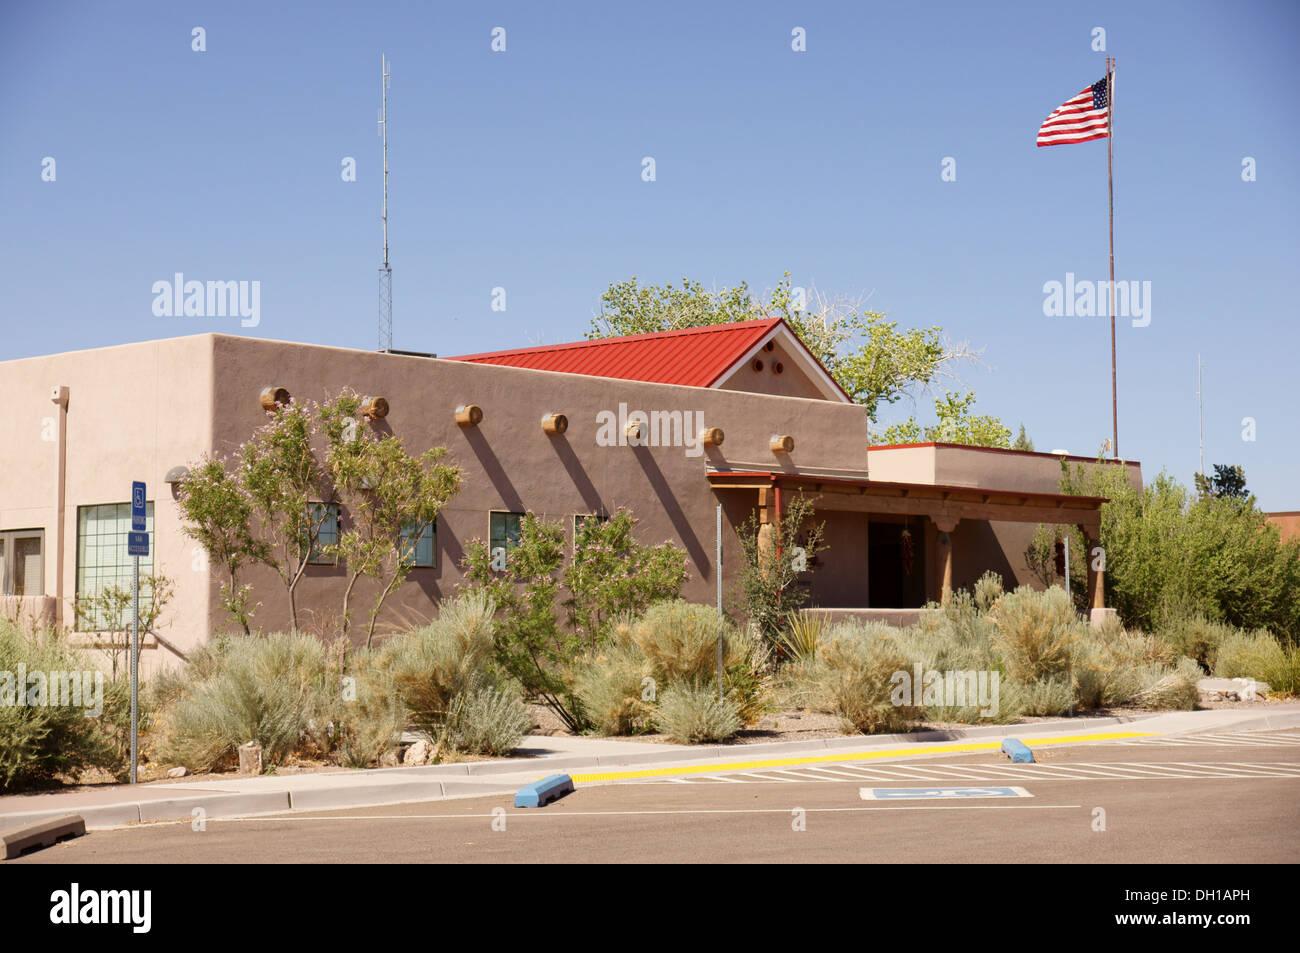 Centro de Visitantes el Bosque del Apache National Wildlife Refuge preservar nm new mexico socorro condado servicio de pescado Foto de stock